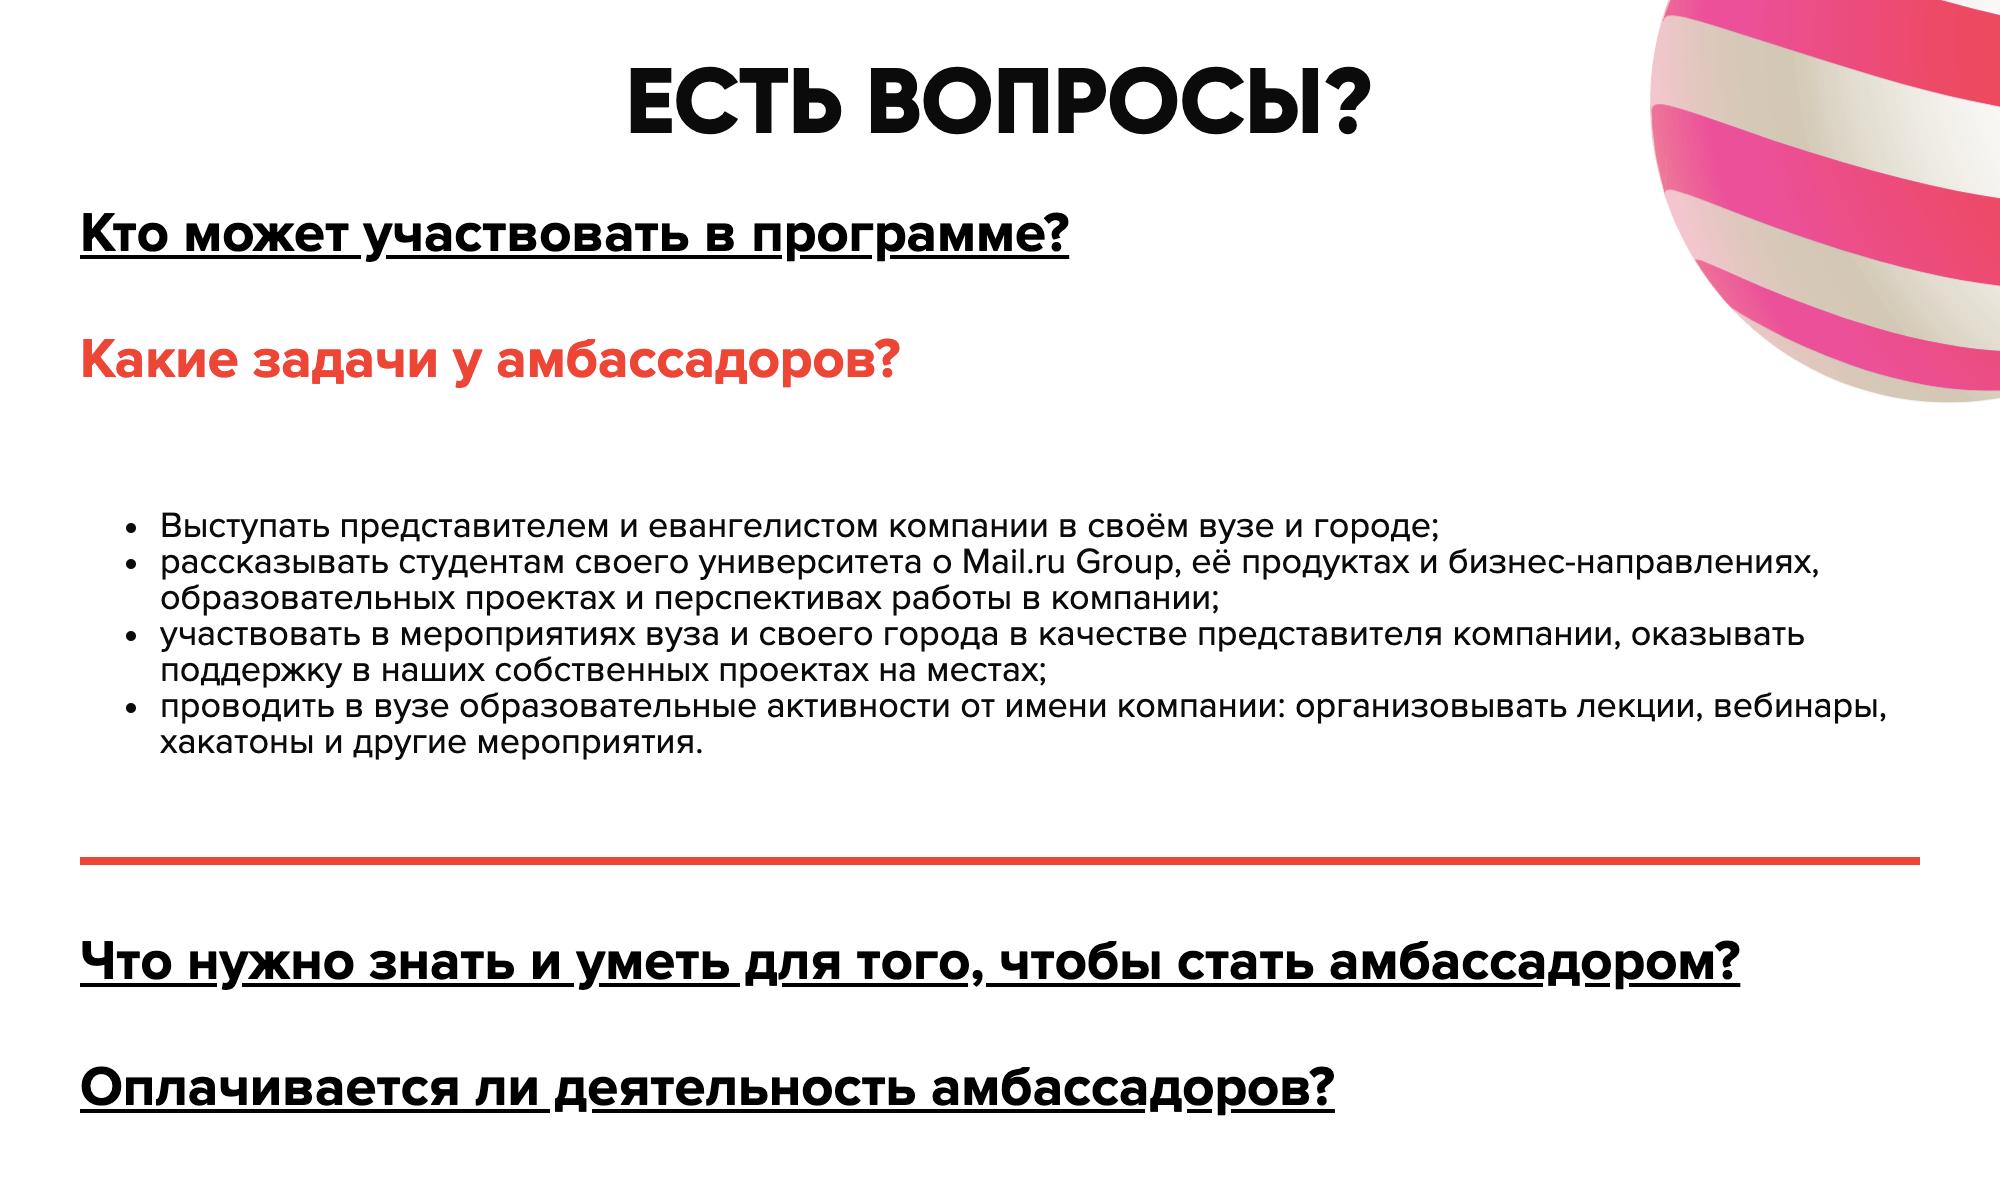 У Mail.ru Group есть программа по поиску амбассадоров среди студентов. В ней перечислены общие задачи амбассадора: выступать представителем компании, рассказывать о ней, помогать ей в проведении мероприятий и проводить в вузе образовательные активности от ее имени. Как именно выполнять эти задачи, амбассадор решает сам